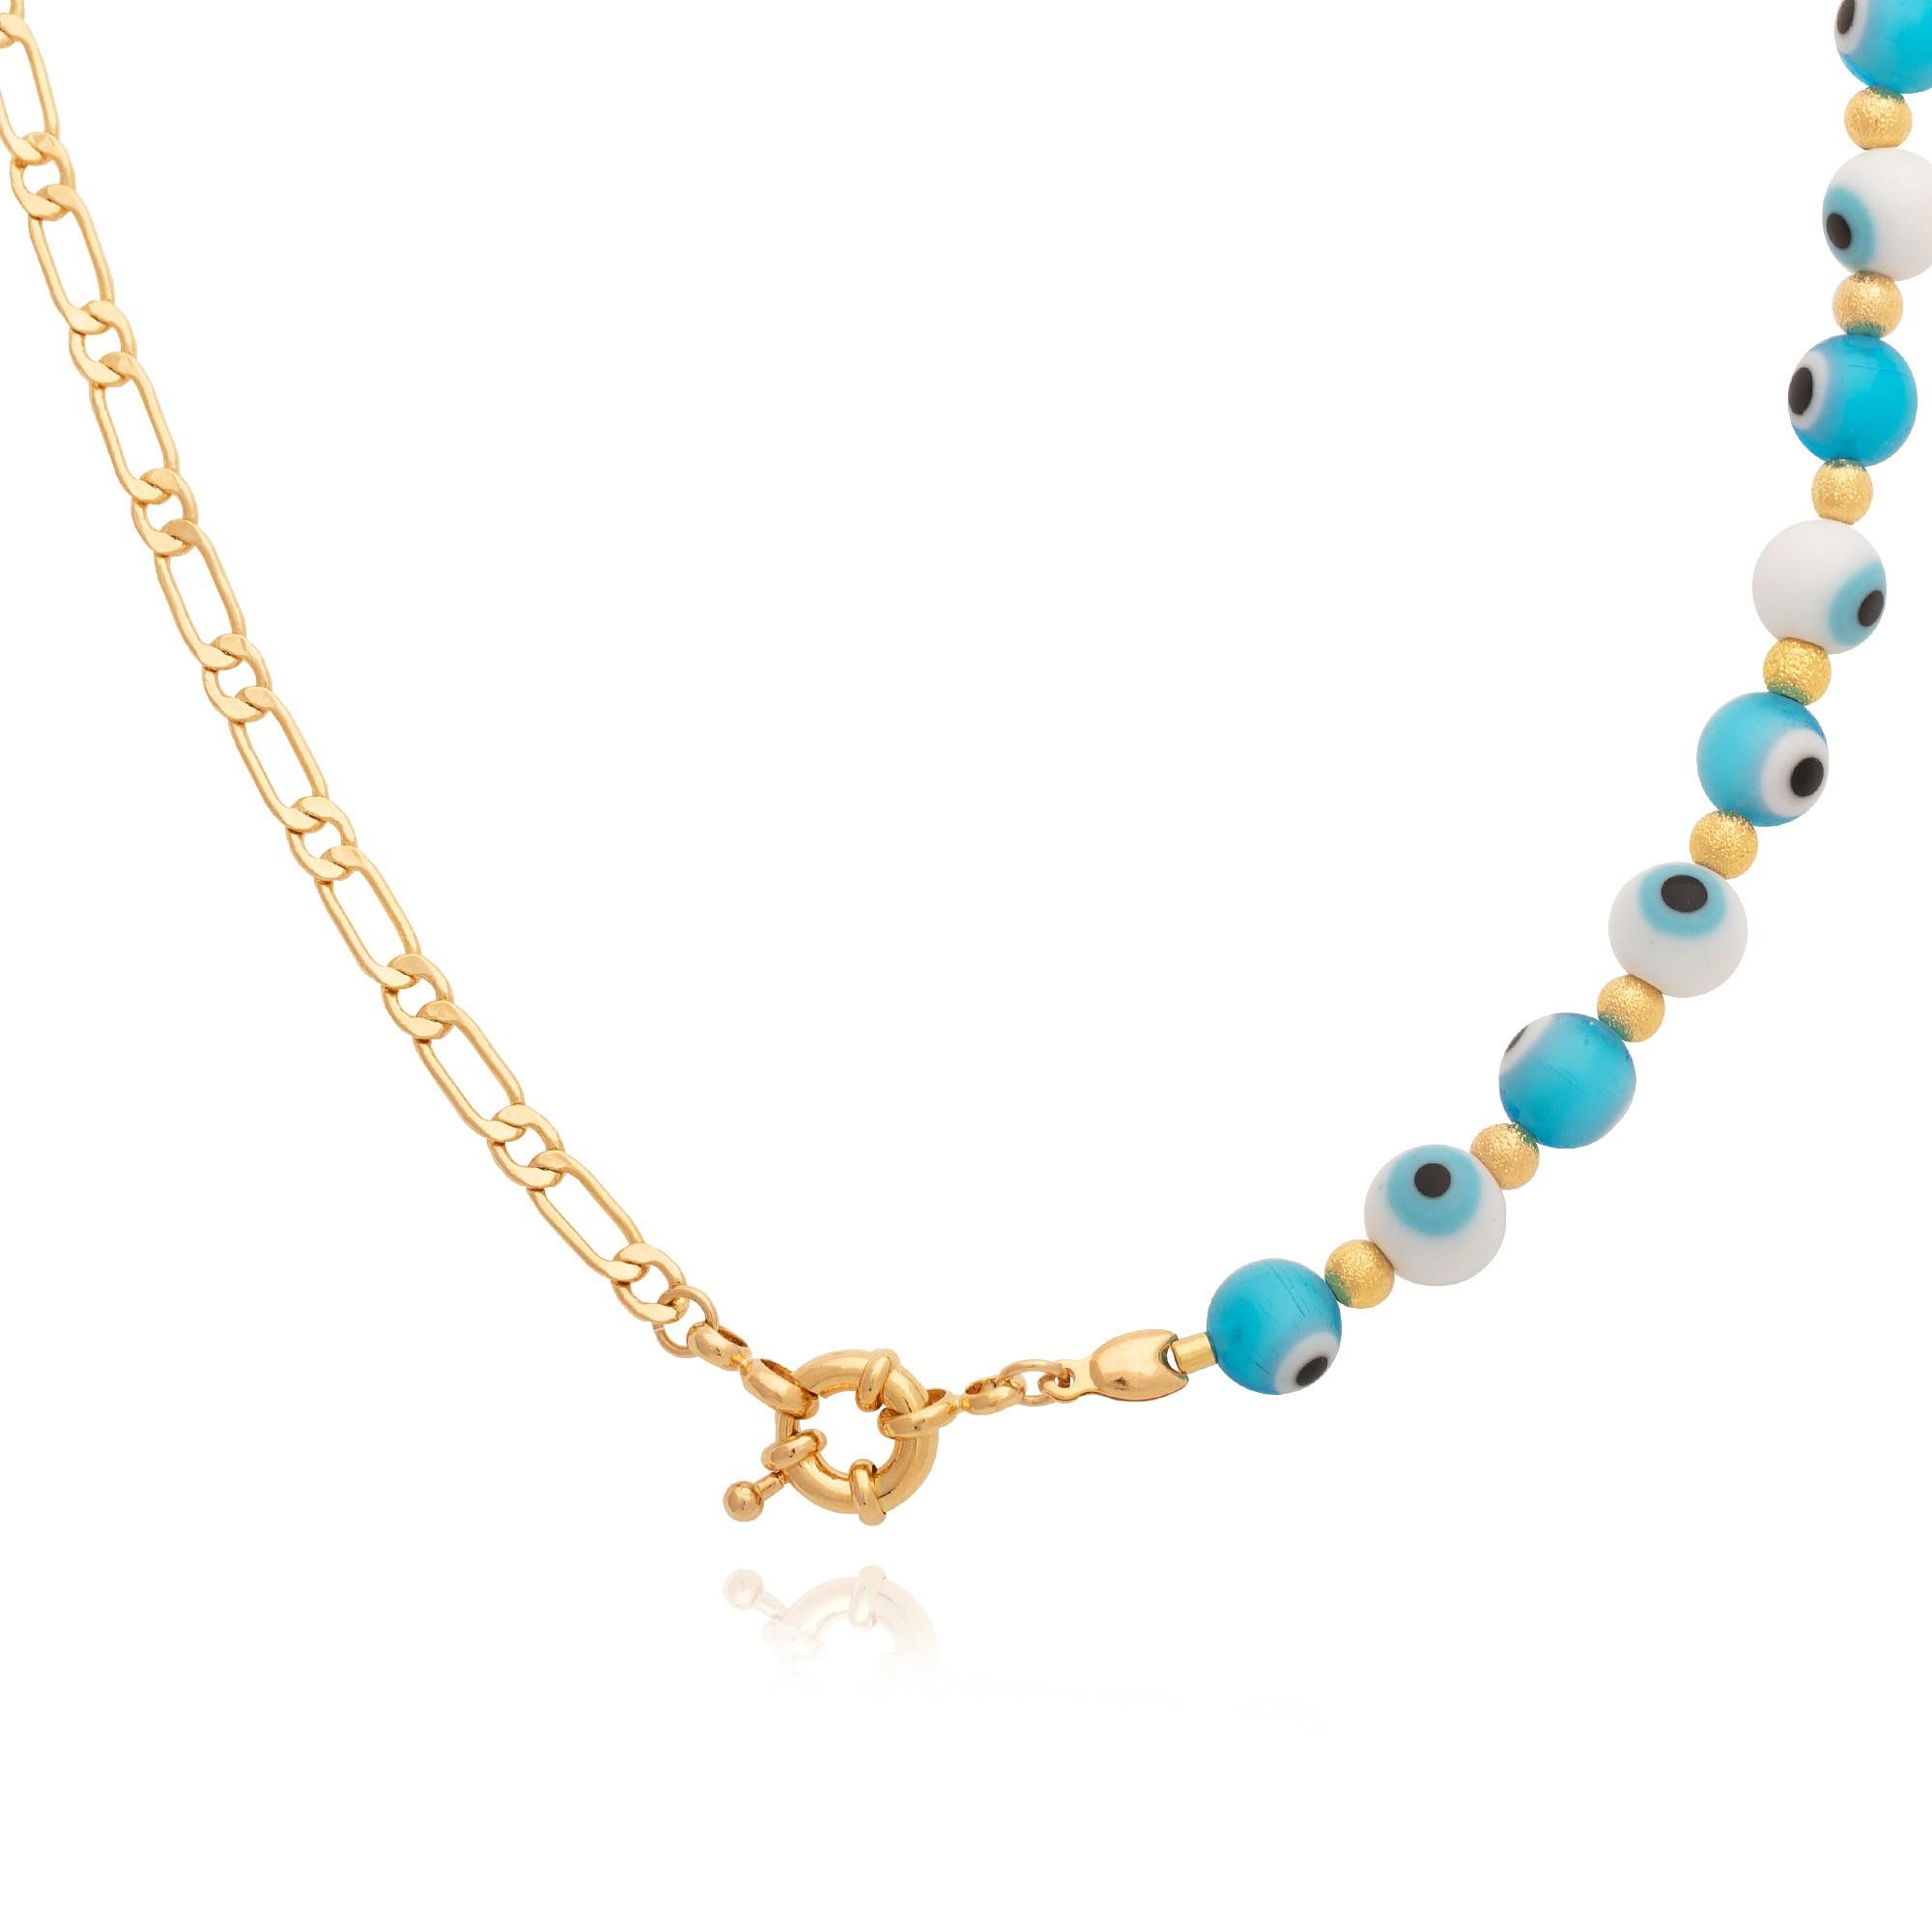 Colar olho grego azul claro com corrente banhado á ouro 18k.  - romabrazil.com.br